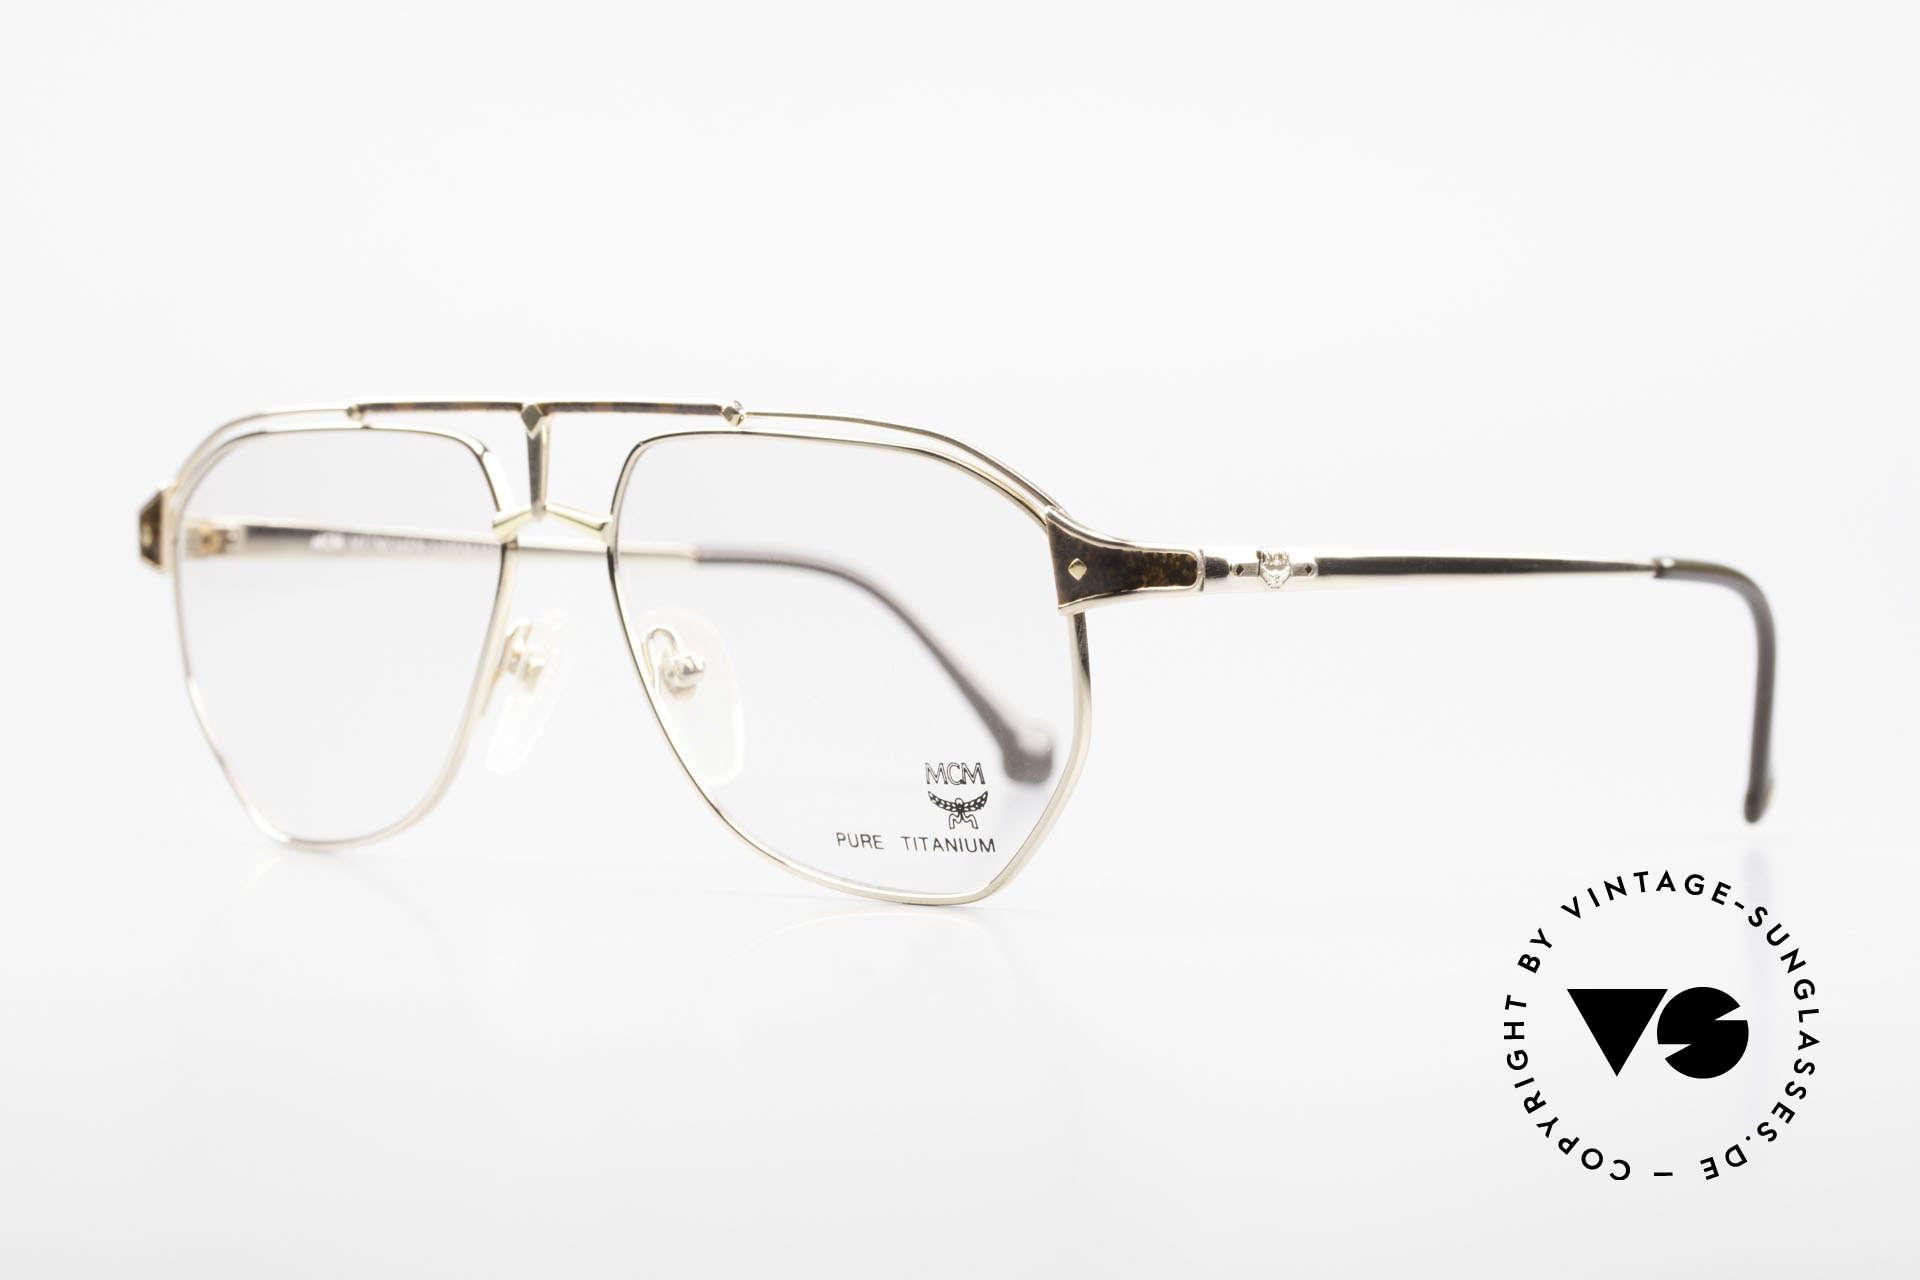 MCM München 6 XL Luxus Vintage Brille 90er, dennoch leicht & komfortabel, da Pure Titanium, Passend für Herren